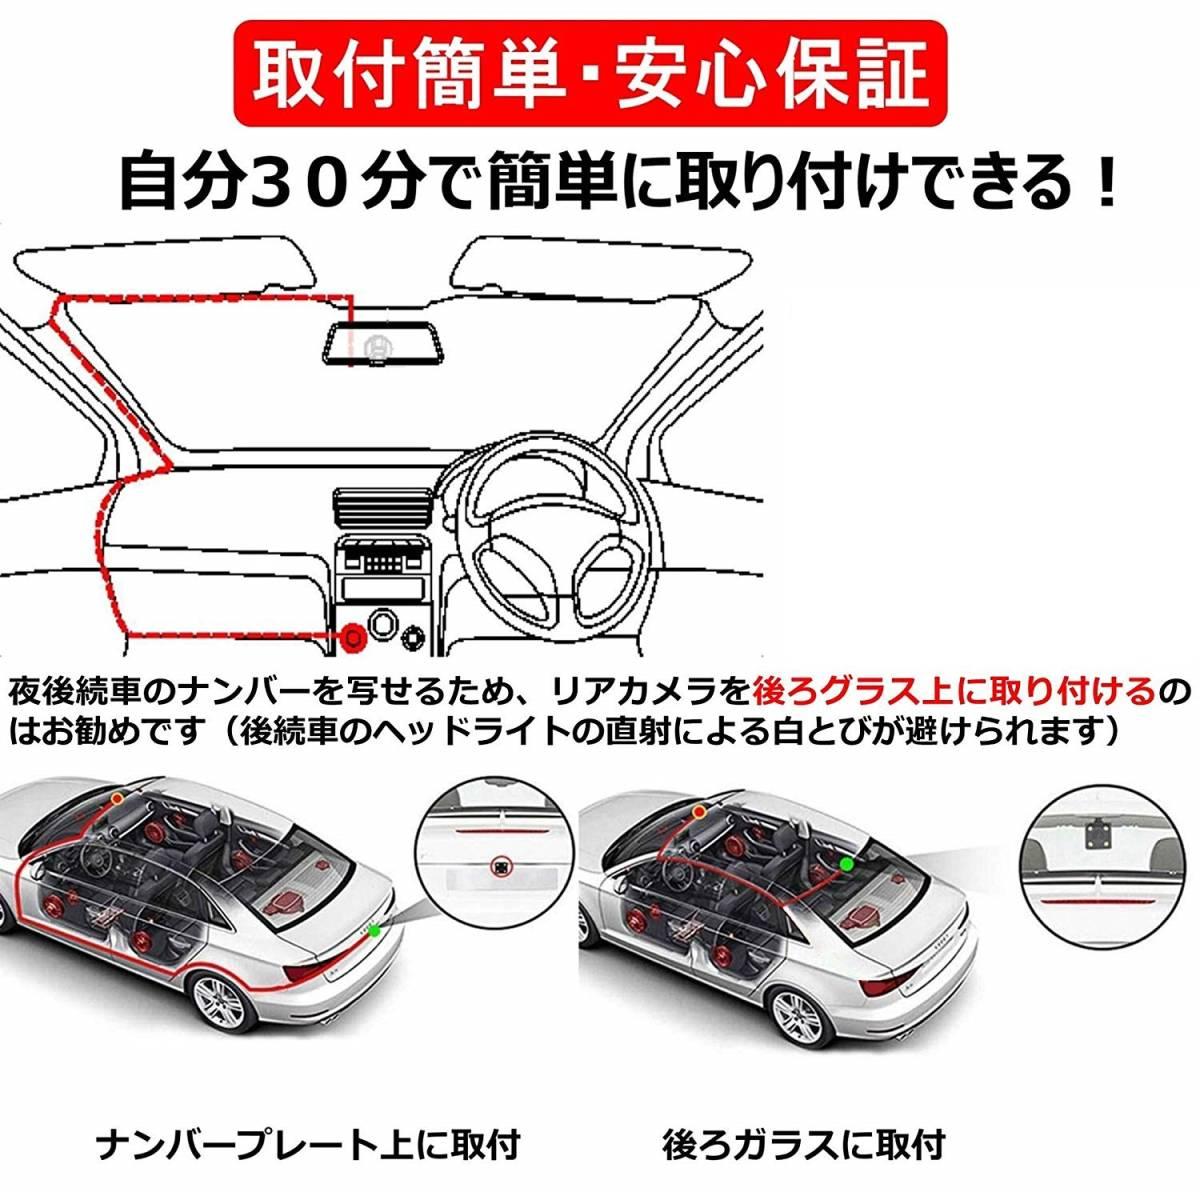 送料無料 32GB SDカード付 ドライブレコーダー G1013 タッチパネル9.66インチ ミラー型 前後カメラ LED信号機対応フルHD 日本製説明書 新品_画像5